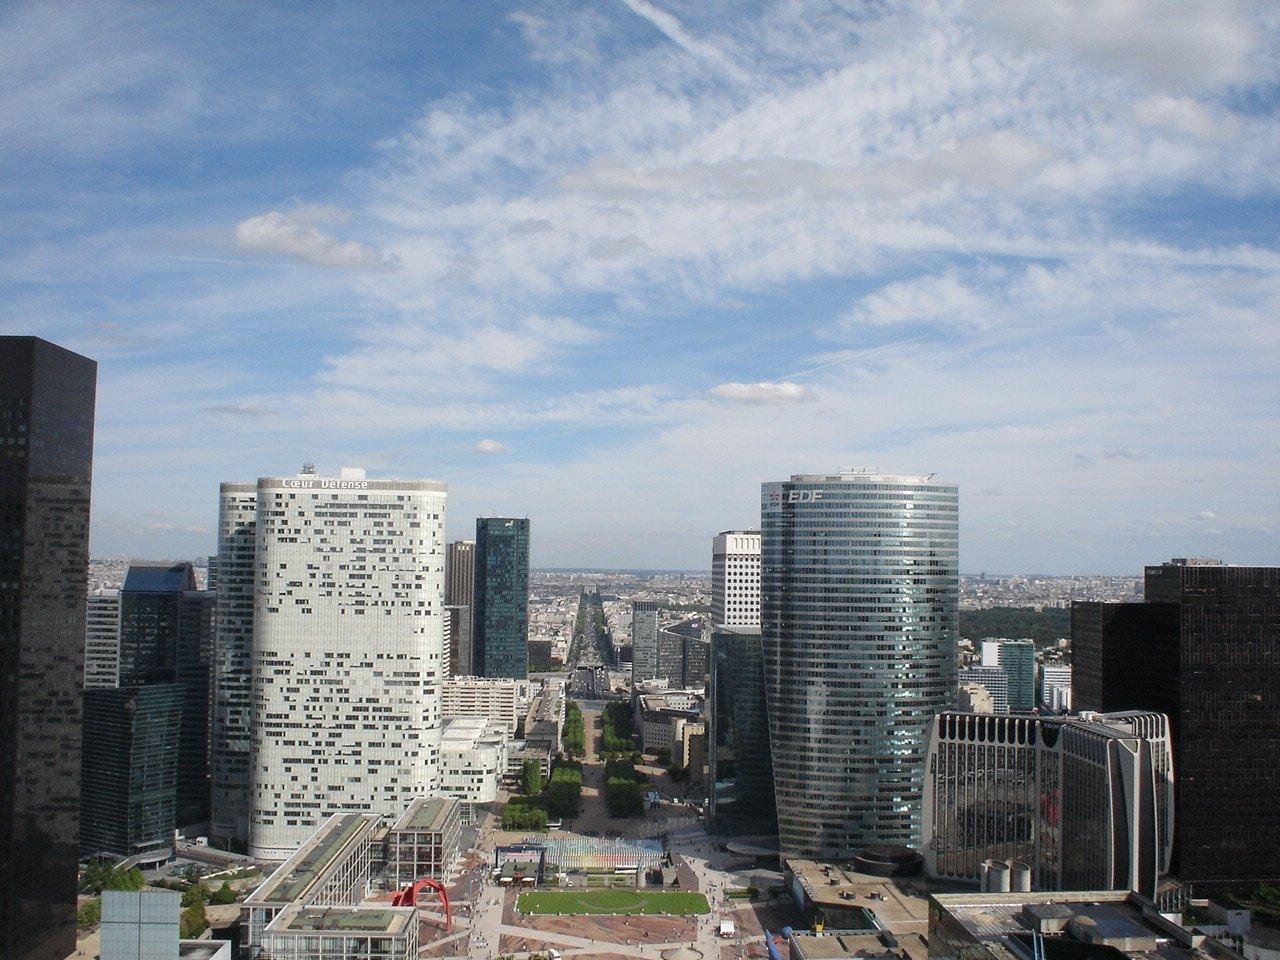 Вид на город с крыши Большой Арки Дефанс, Париж, Франция. Июль, 2006